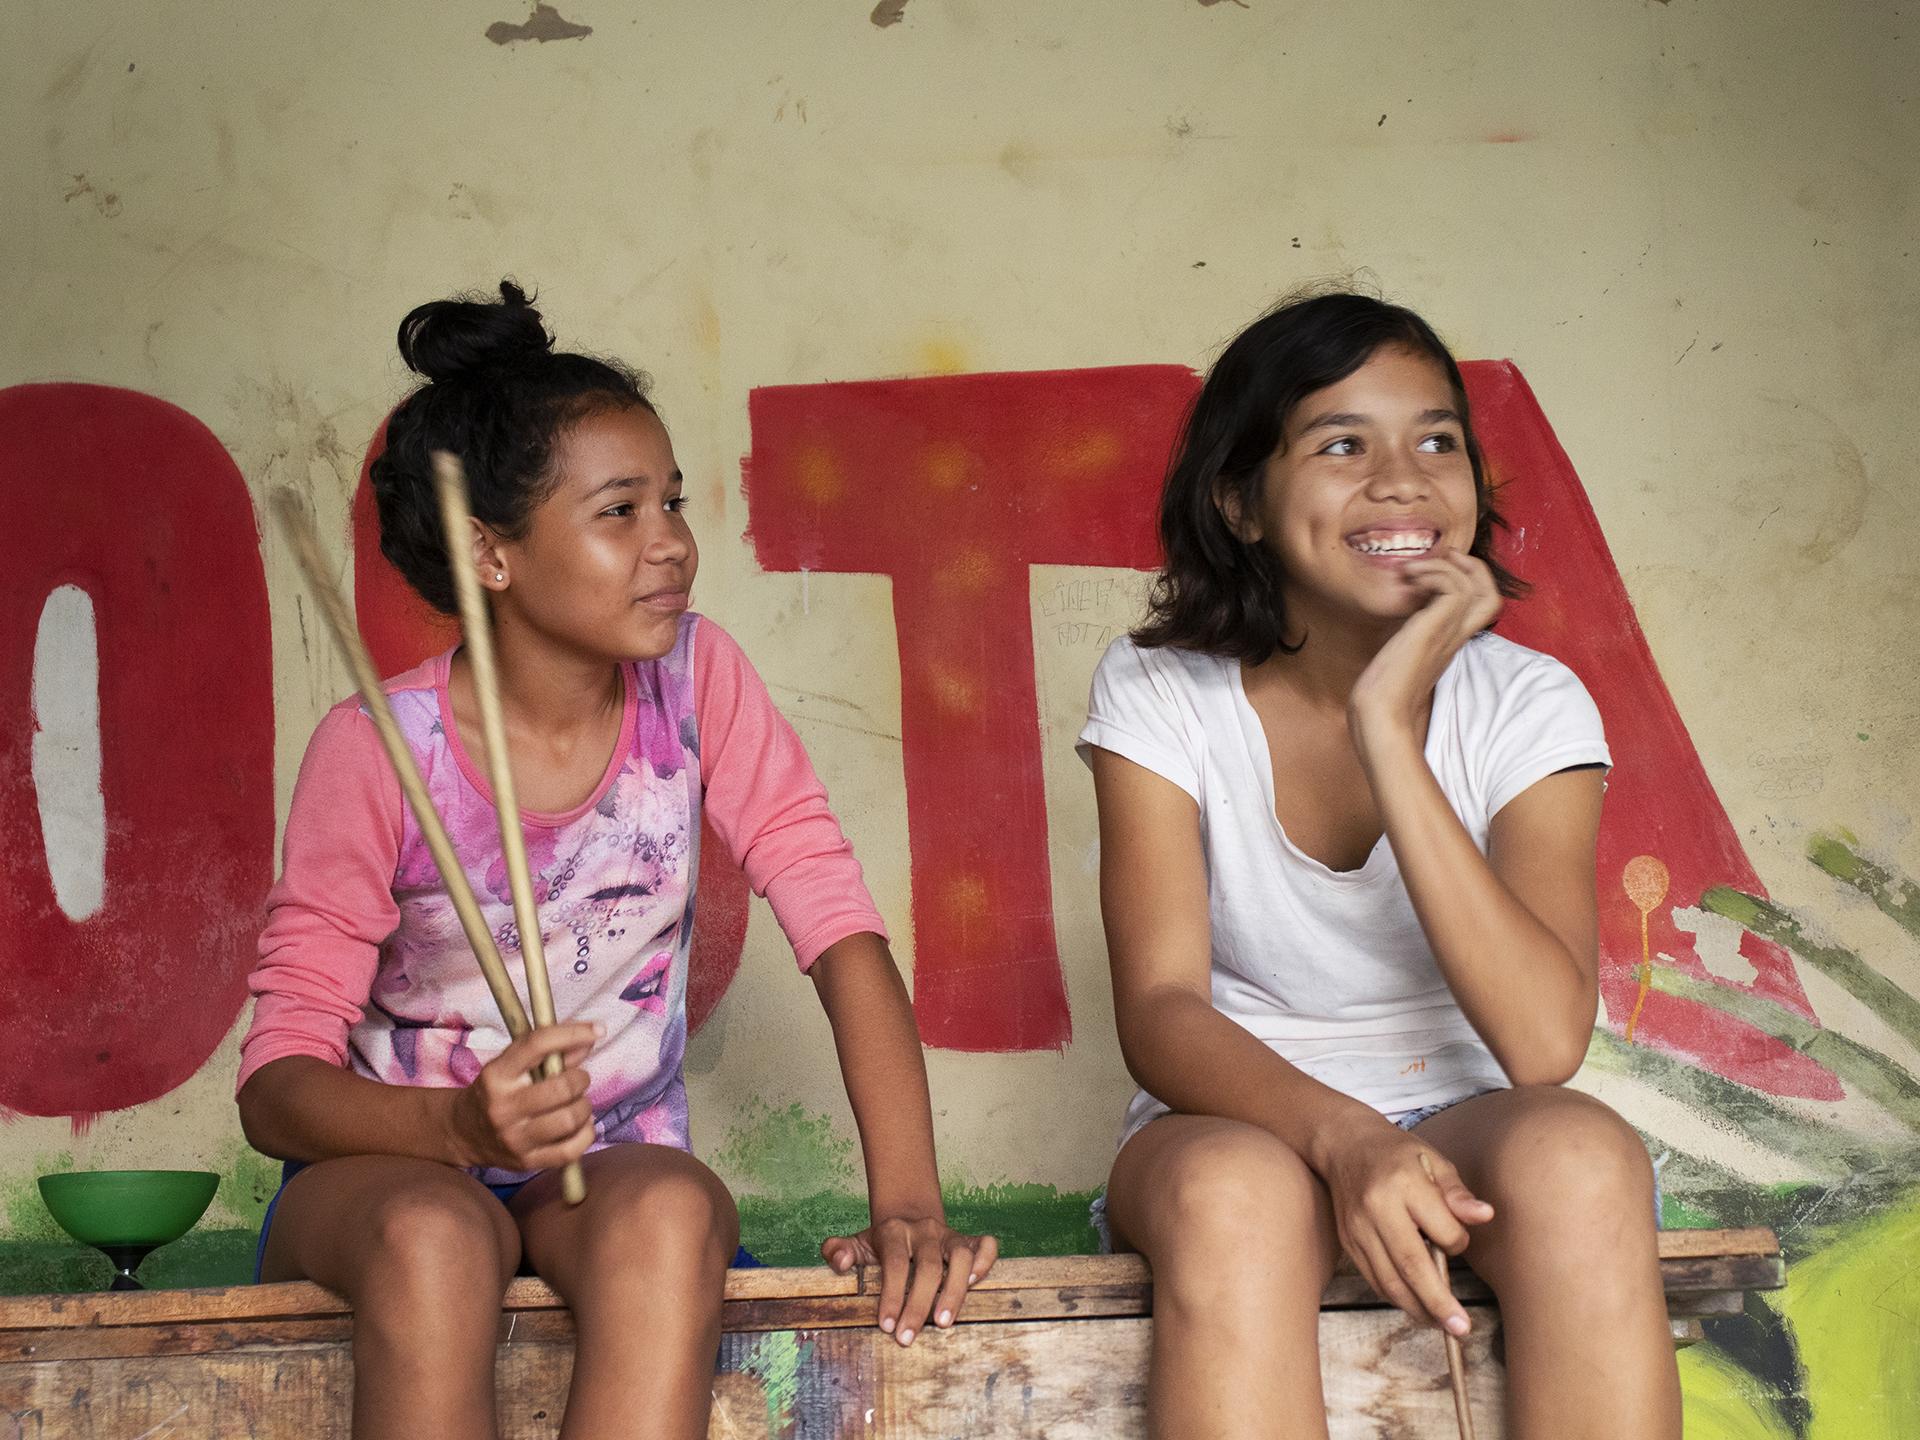 Två flickor sitter på en bänk och skrattar.